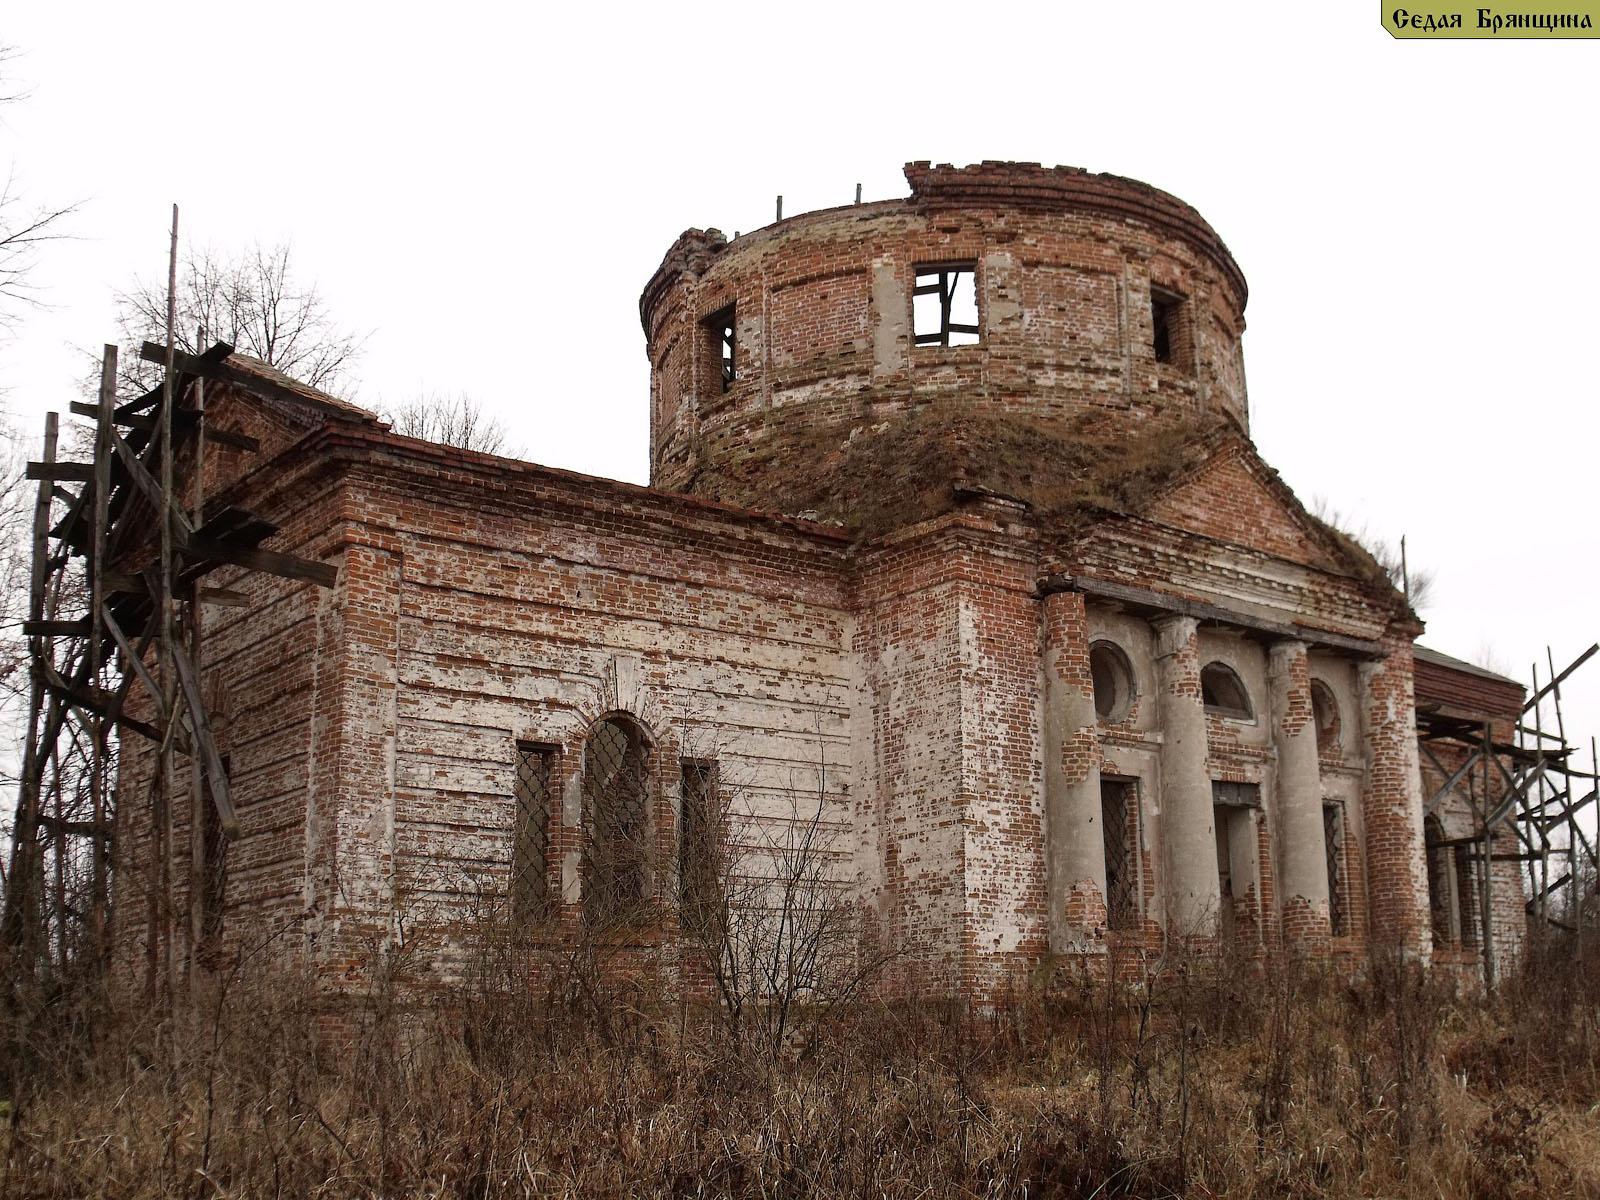 Субботово. Церковь Рождества Пресвятой Богородицы